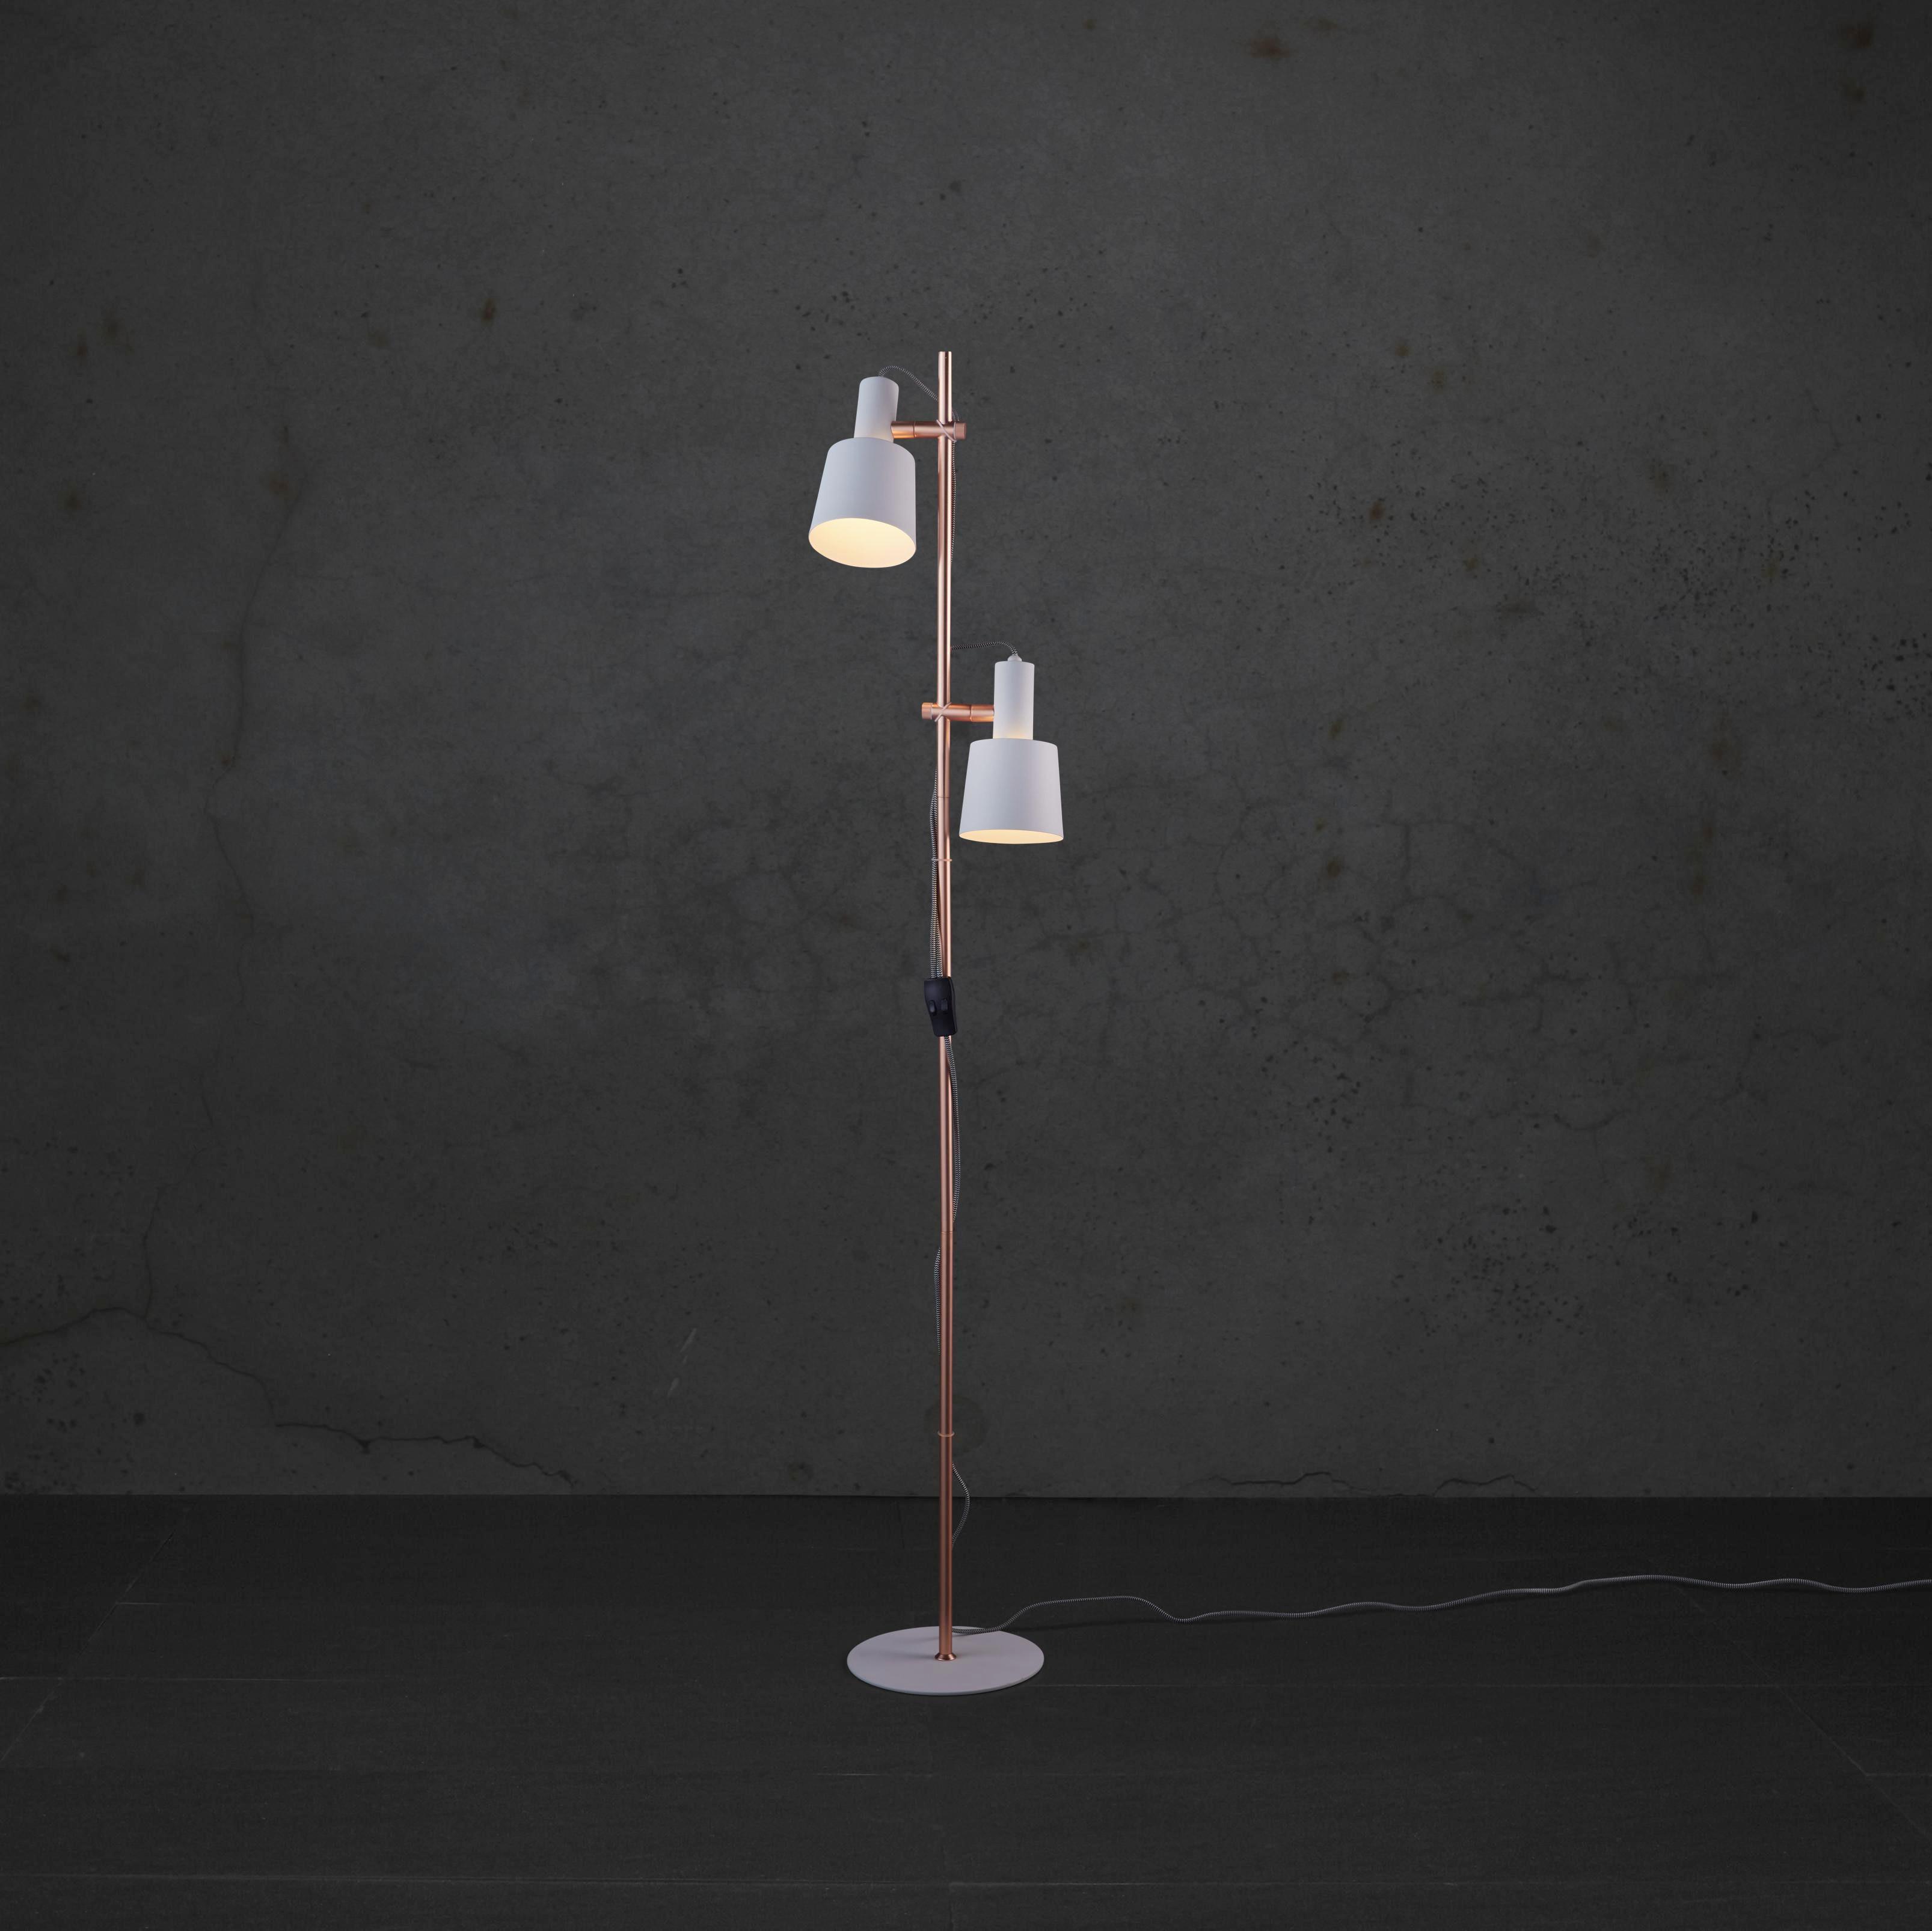 Stehleuchte Klara - Weiß/Kupferfarben, MODERN, Metall (30/23/152cm) - MODERN LIVING